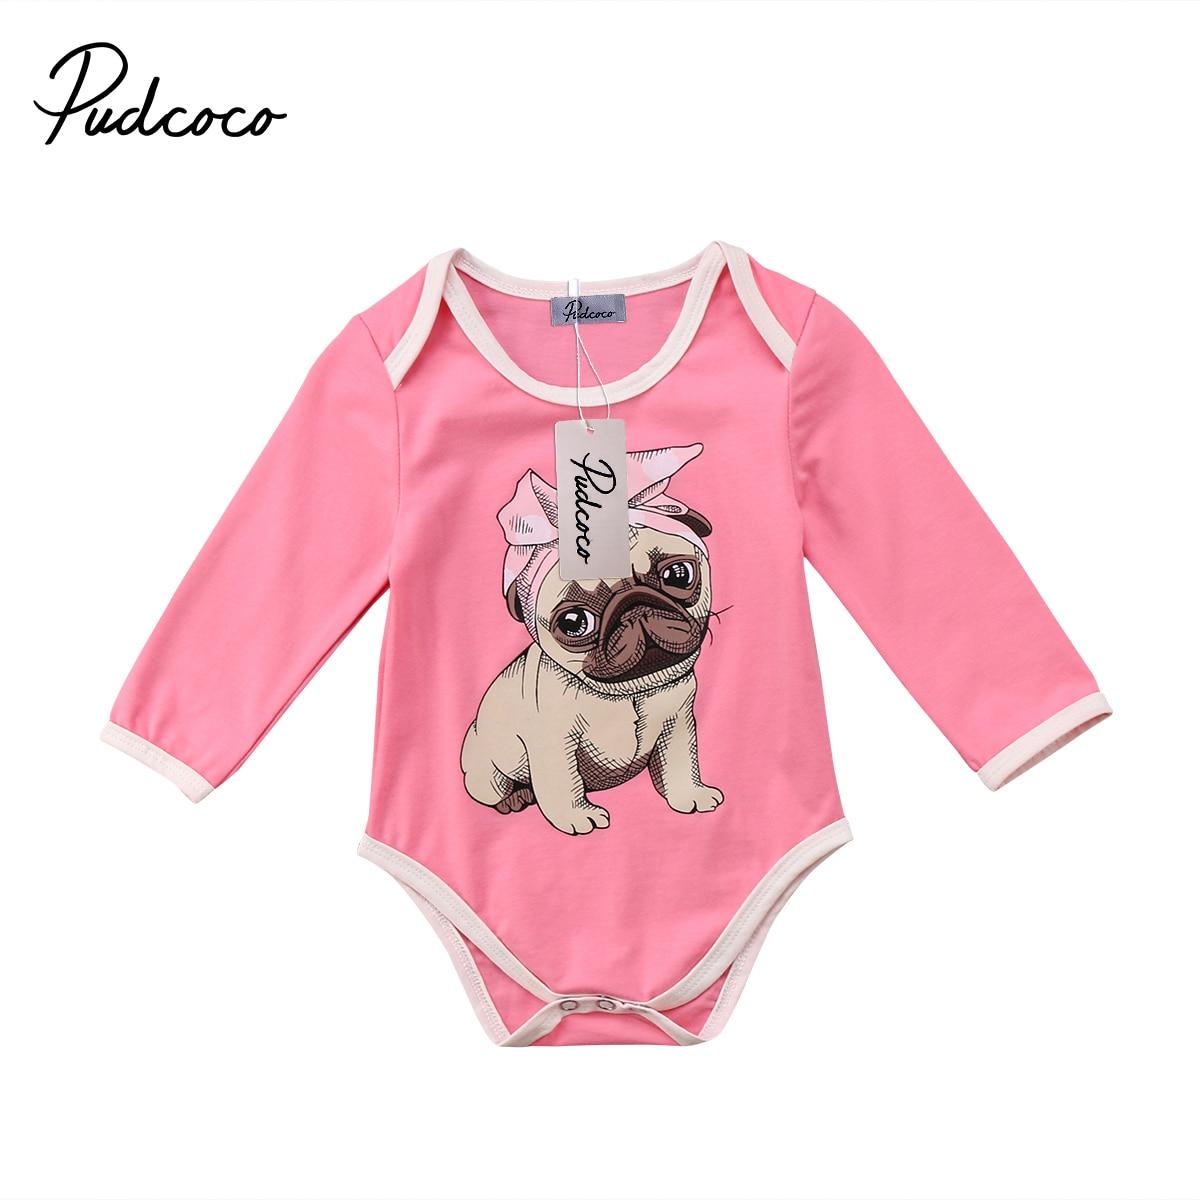 2018 Super Nette Kleinkind Neugeborenes Mädchen Bulldog Langarm Body Strampler Outfits Tier Druck Kleidung